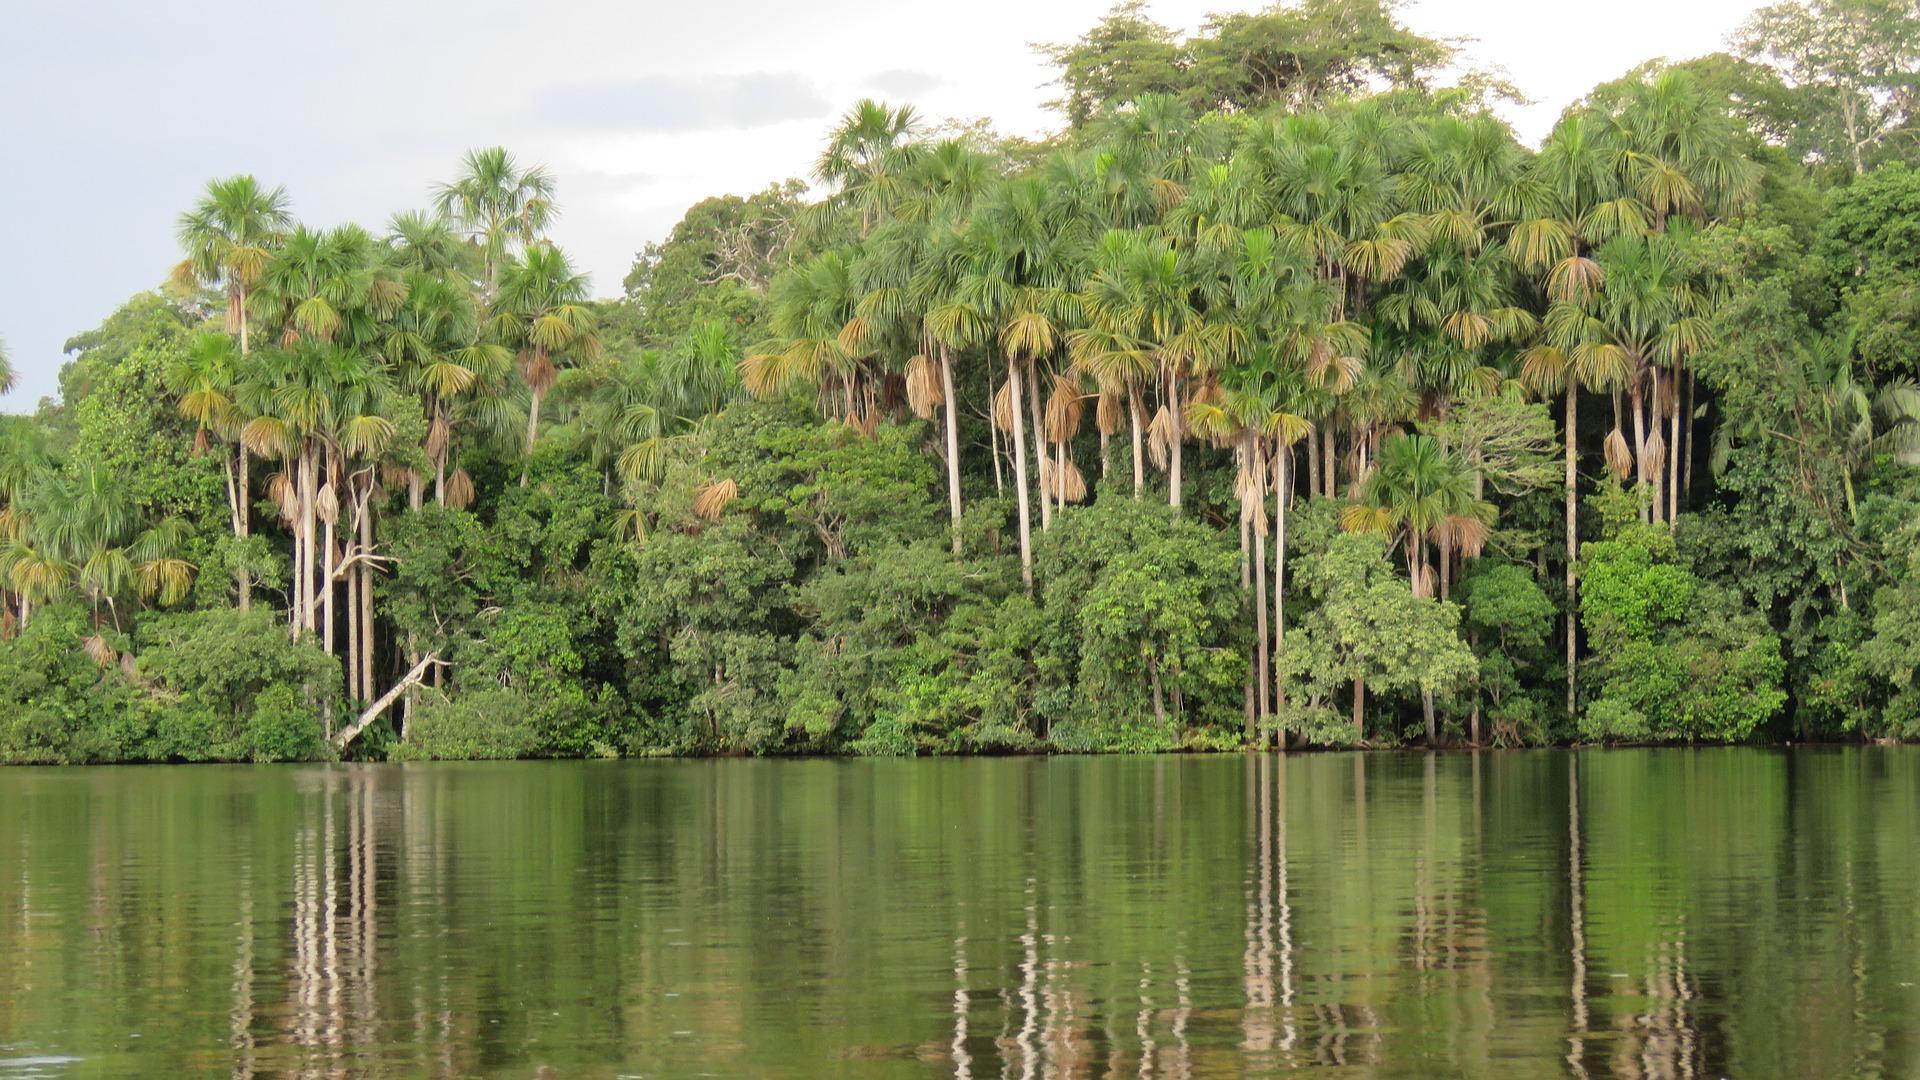 10 Recomendaciones para ir a la Selva